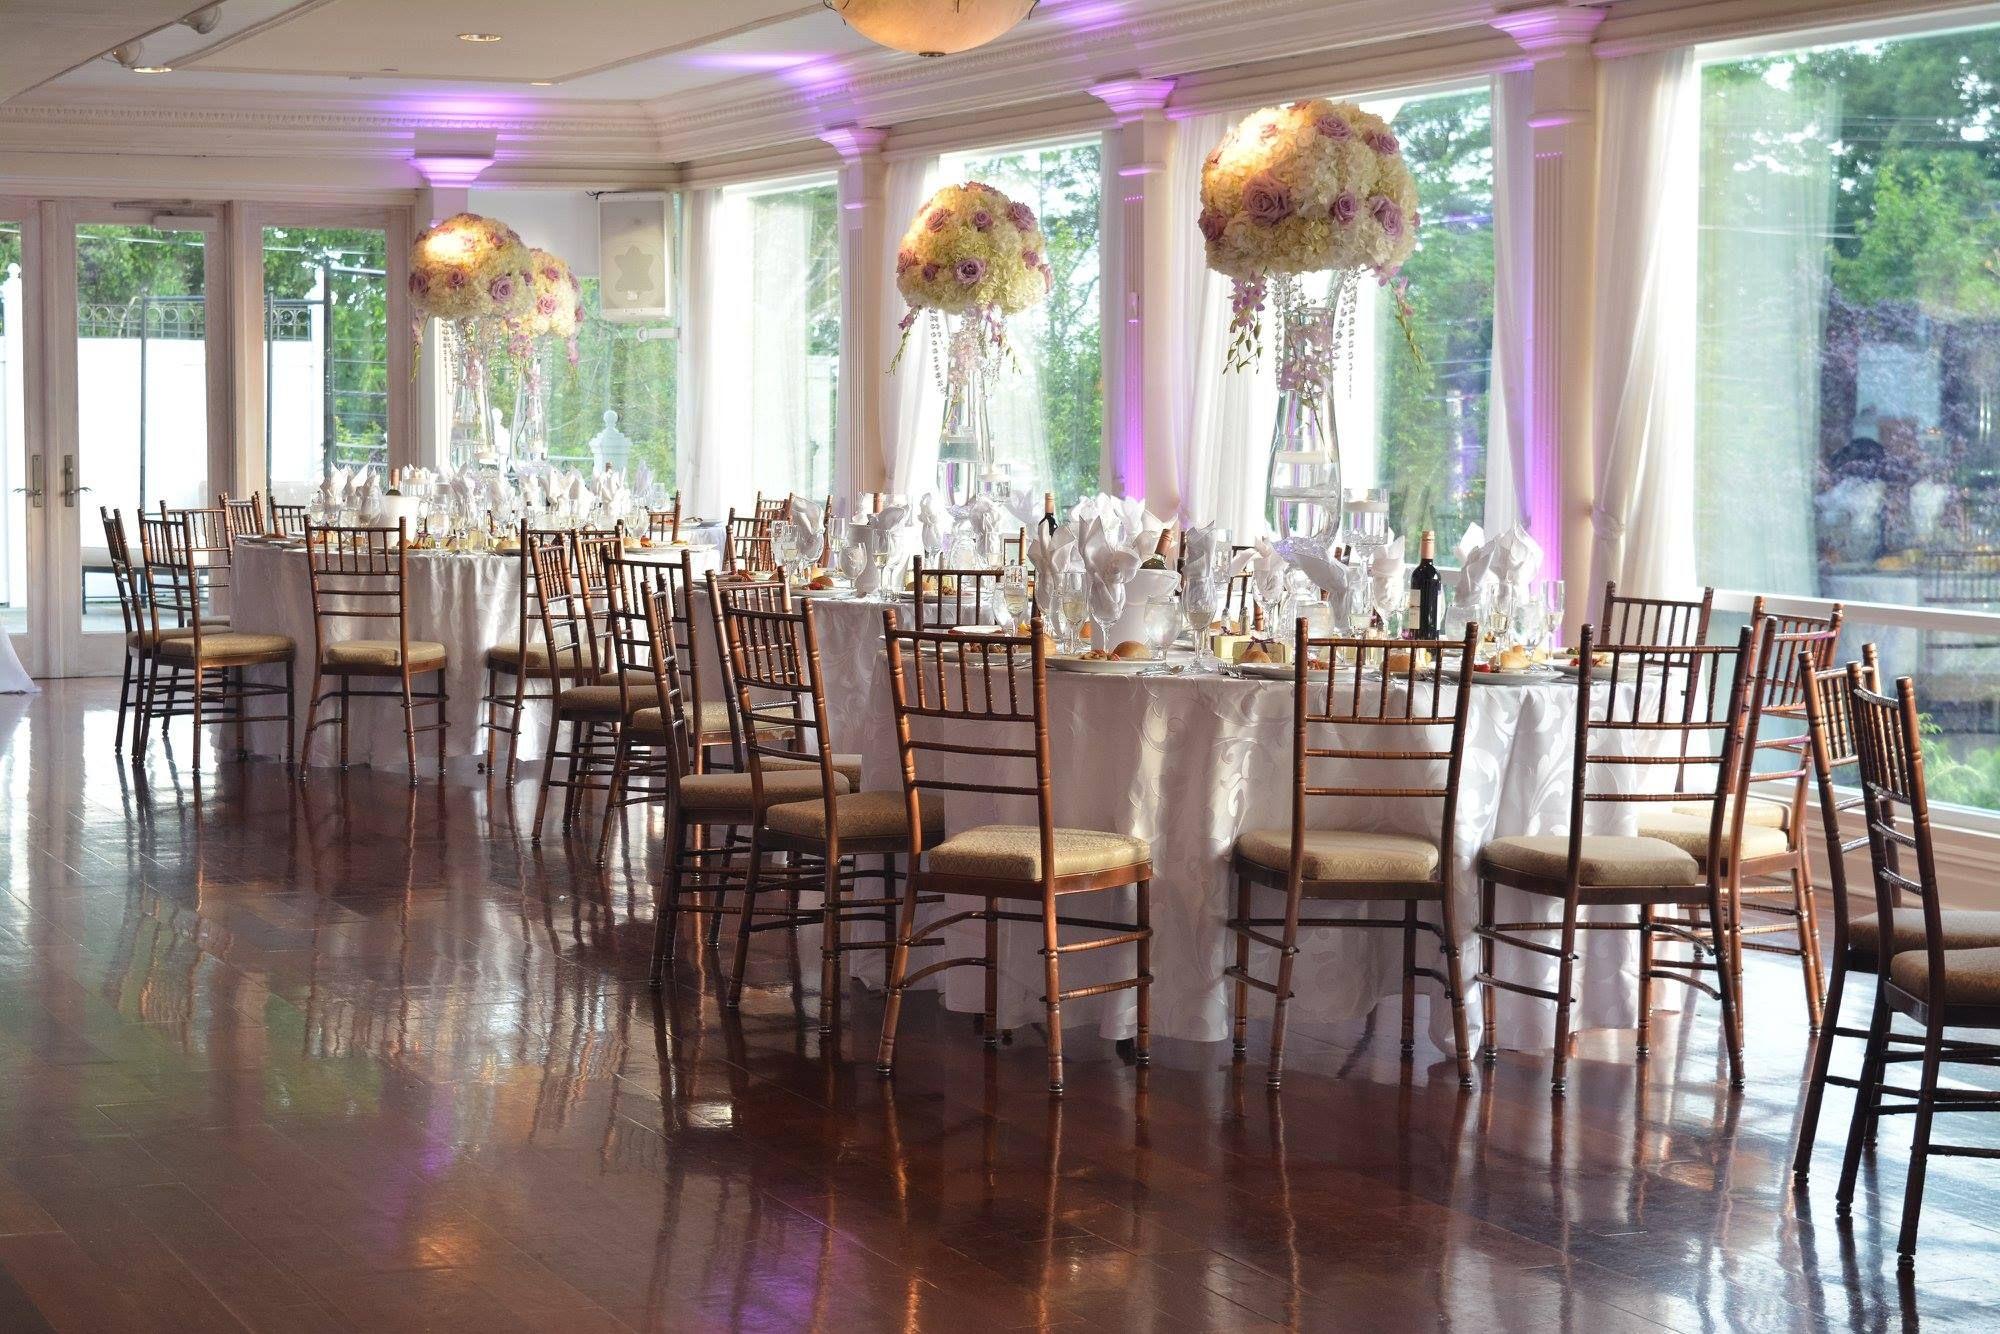 Wedding Decor Wedding Decor Elegant Wedding Decorations Event Venues